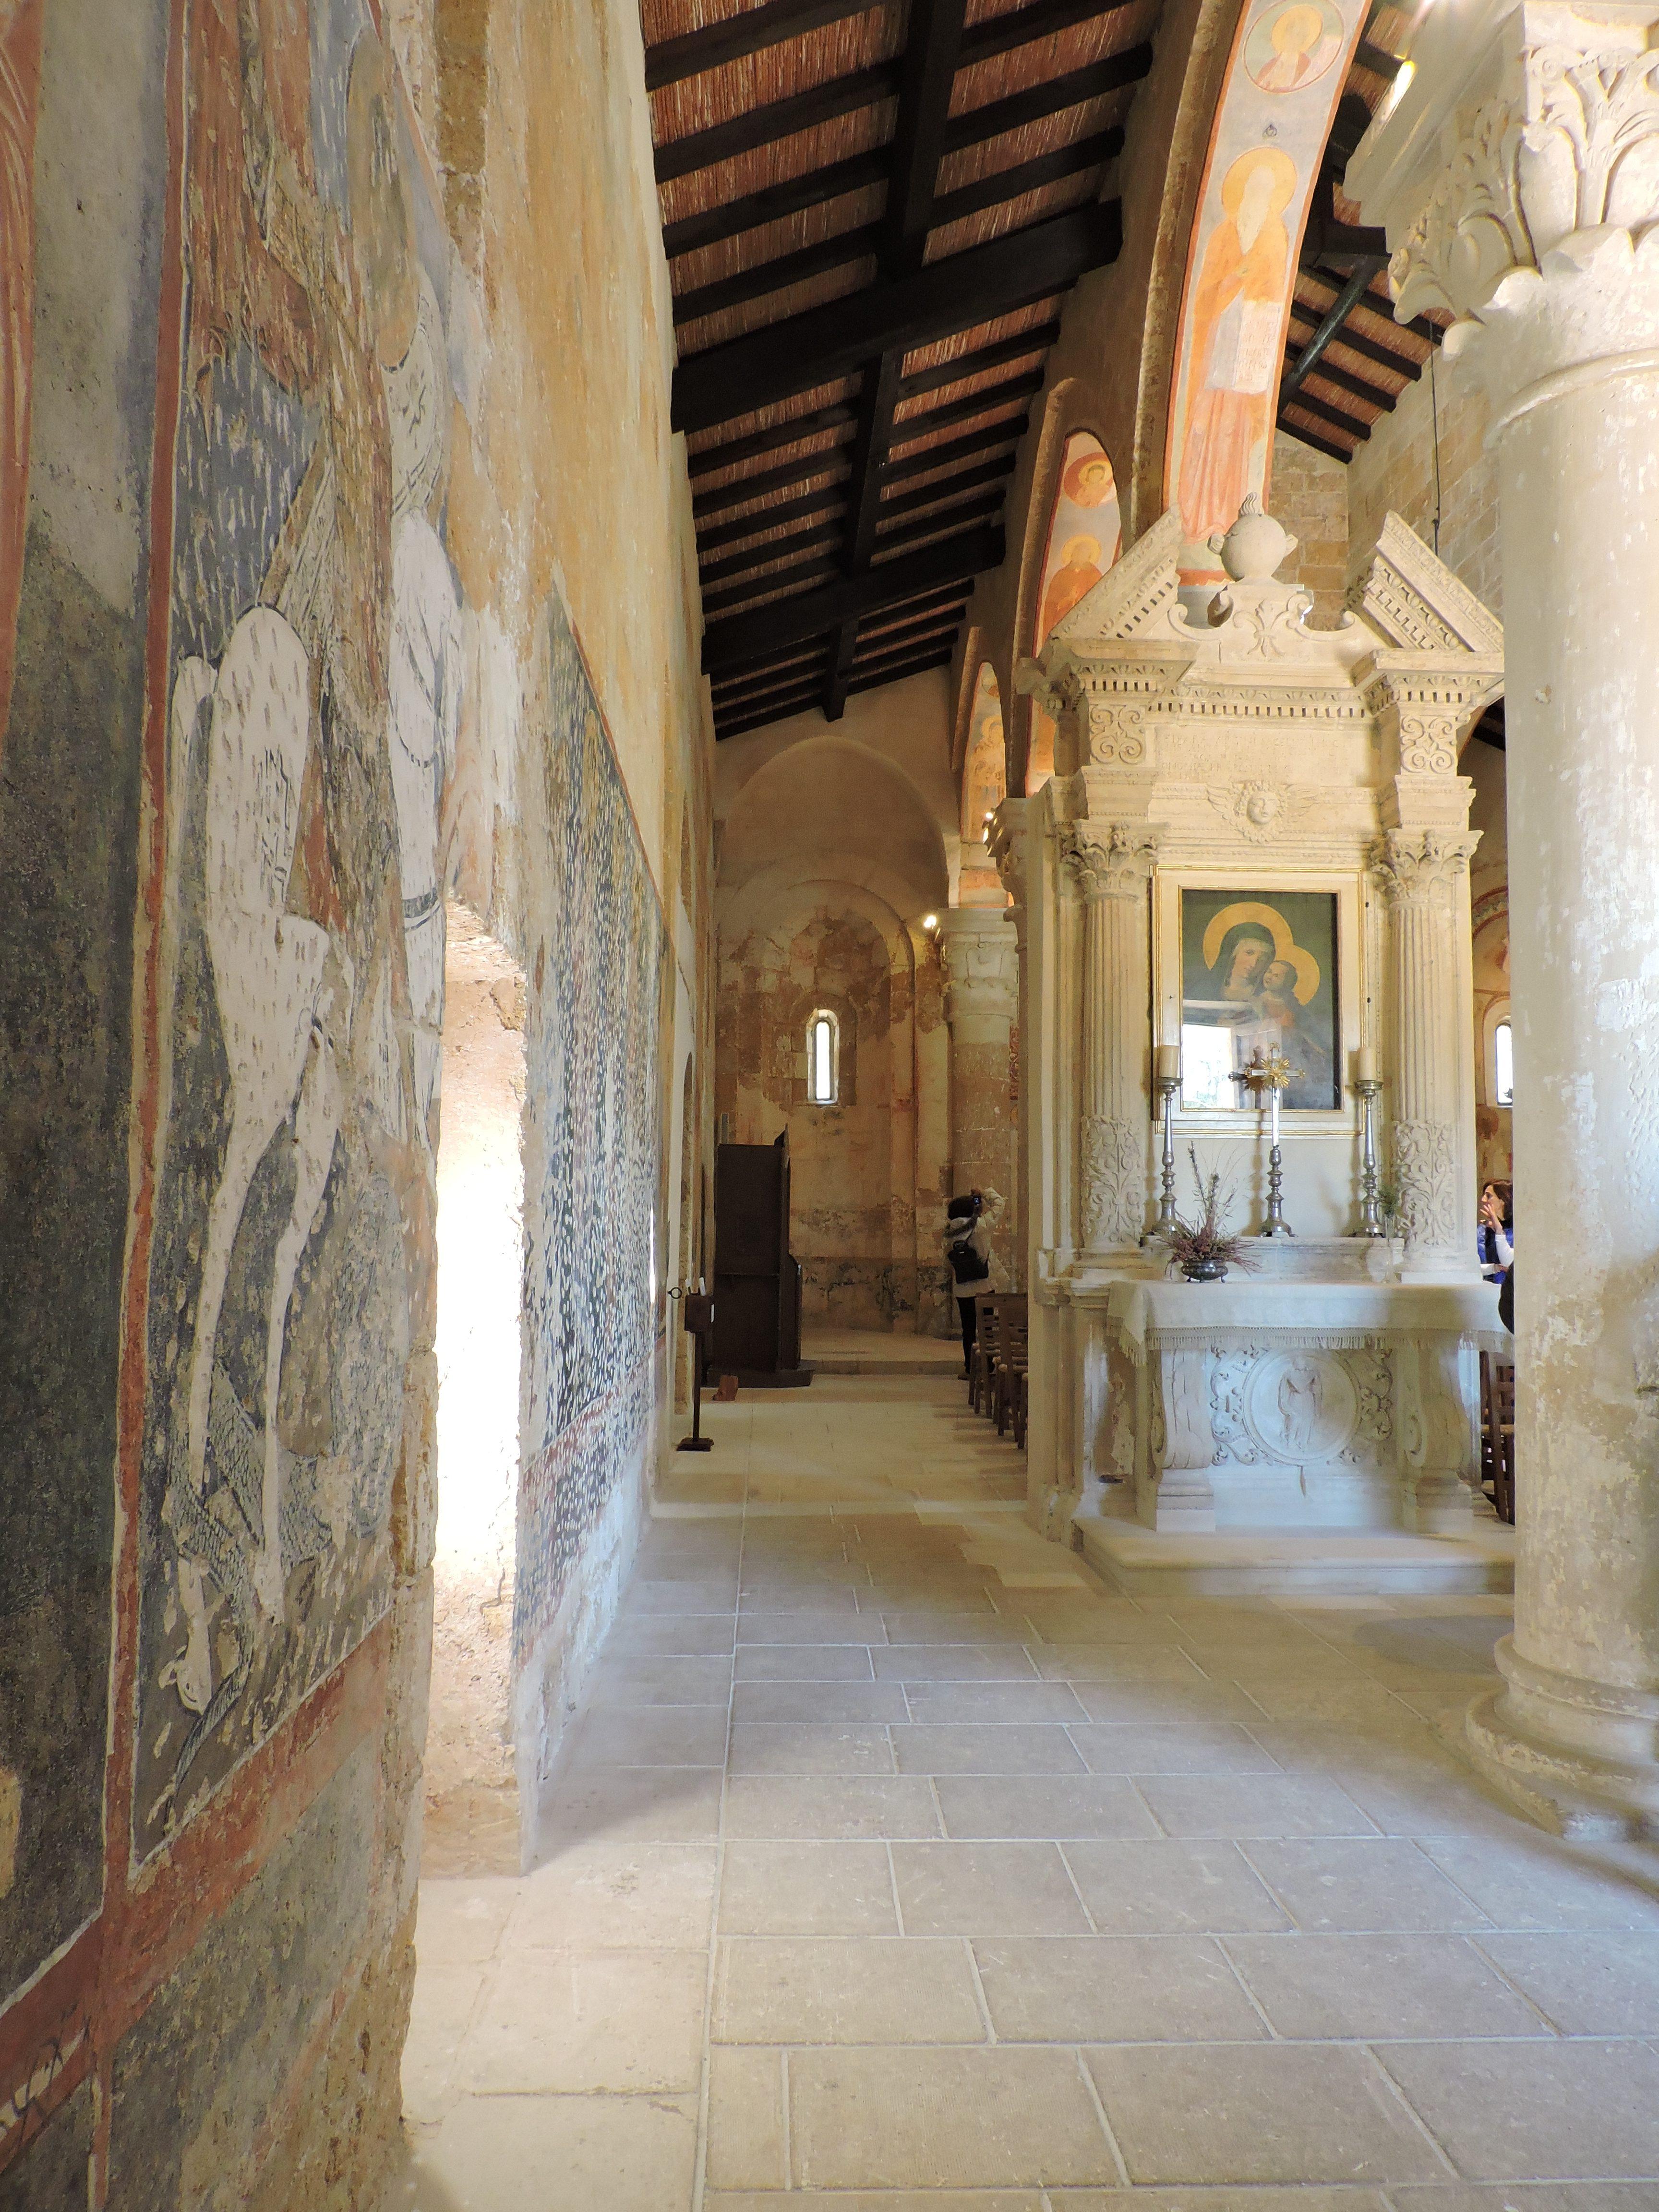 Altare della Vergine ricostruito, foto (c)Sara Venturiero